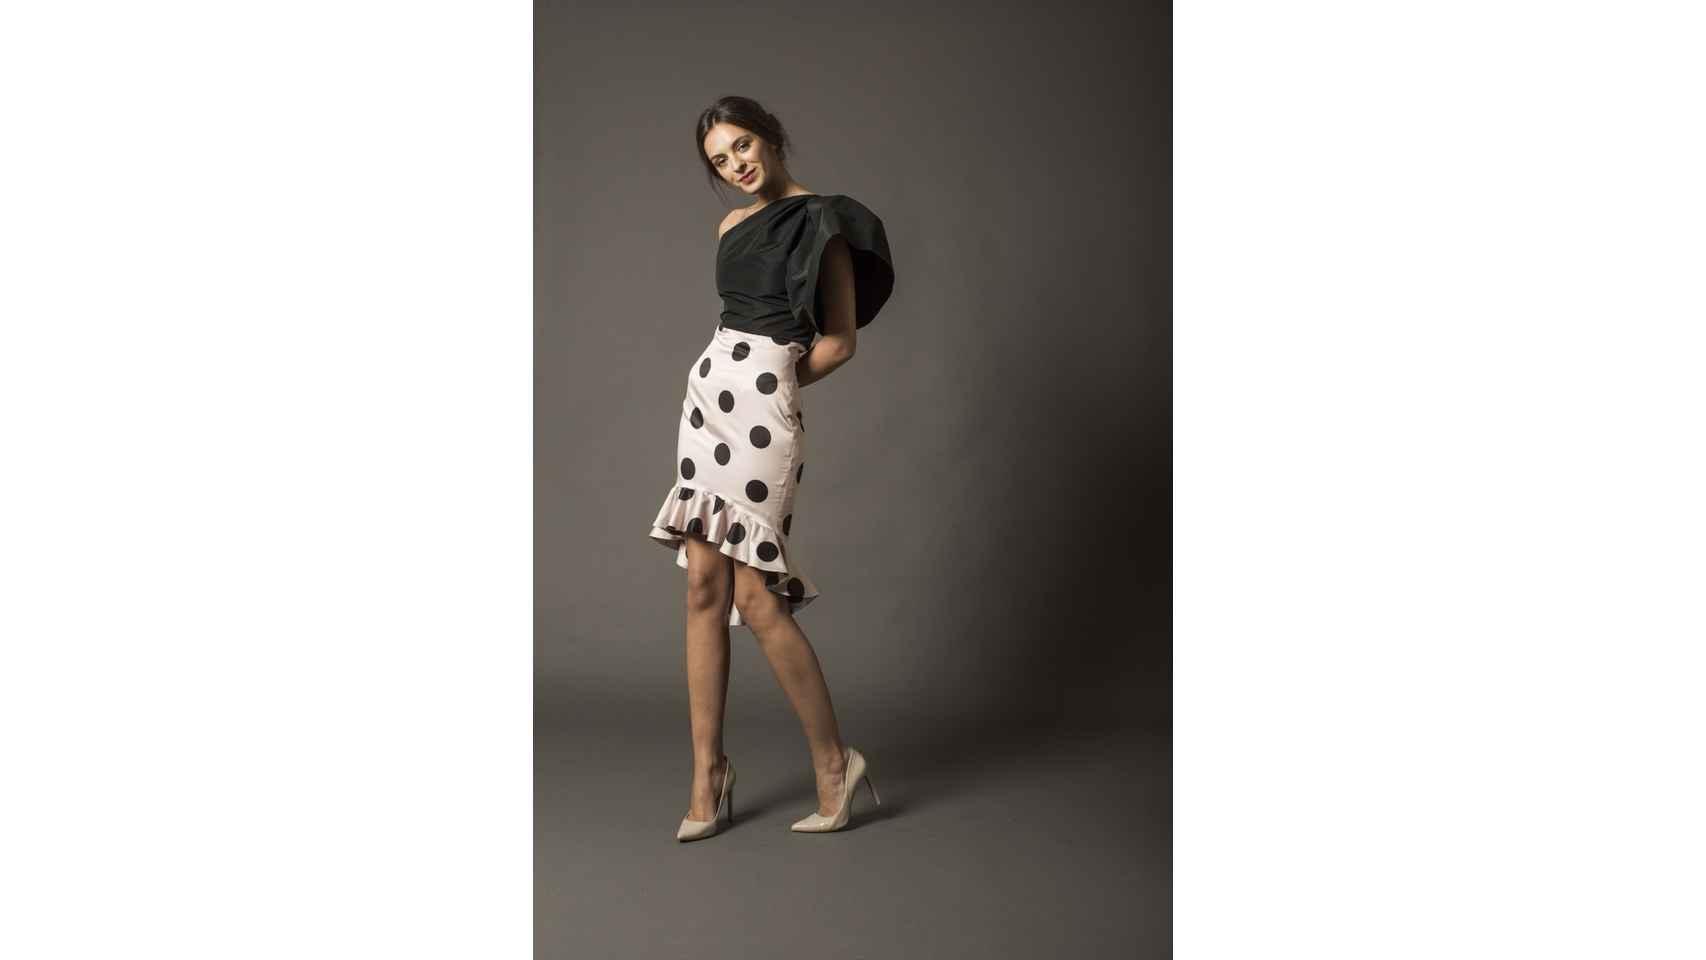 Falda de lunares modelo Denis y top asimétrico Lilian de Coosy, 70€ y 60€ respectivamente.